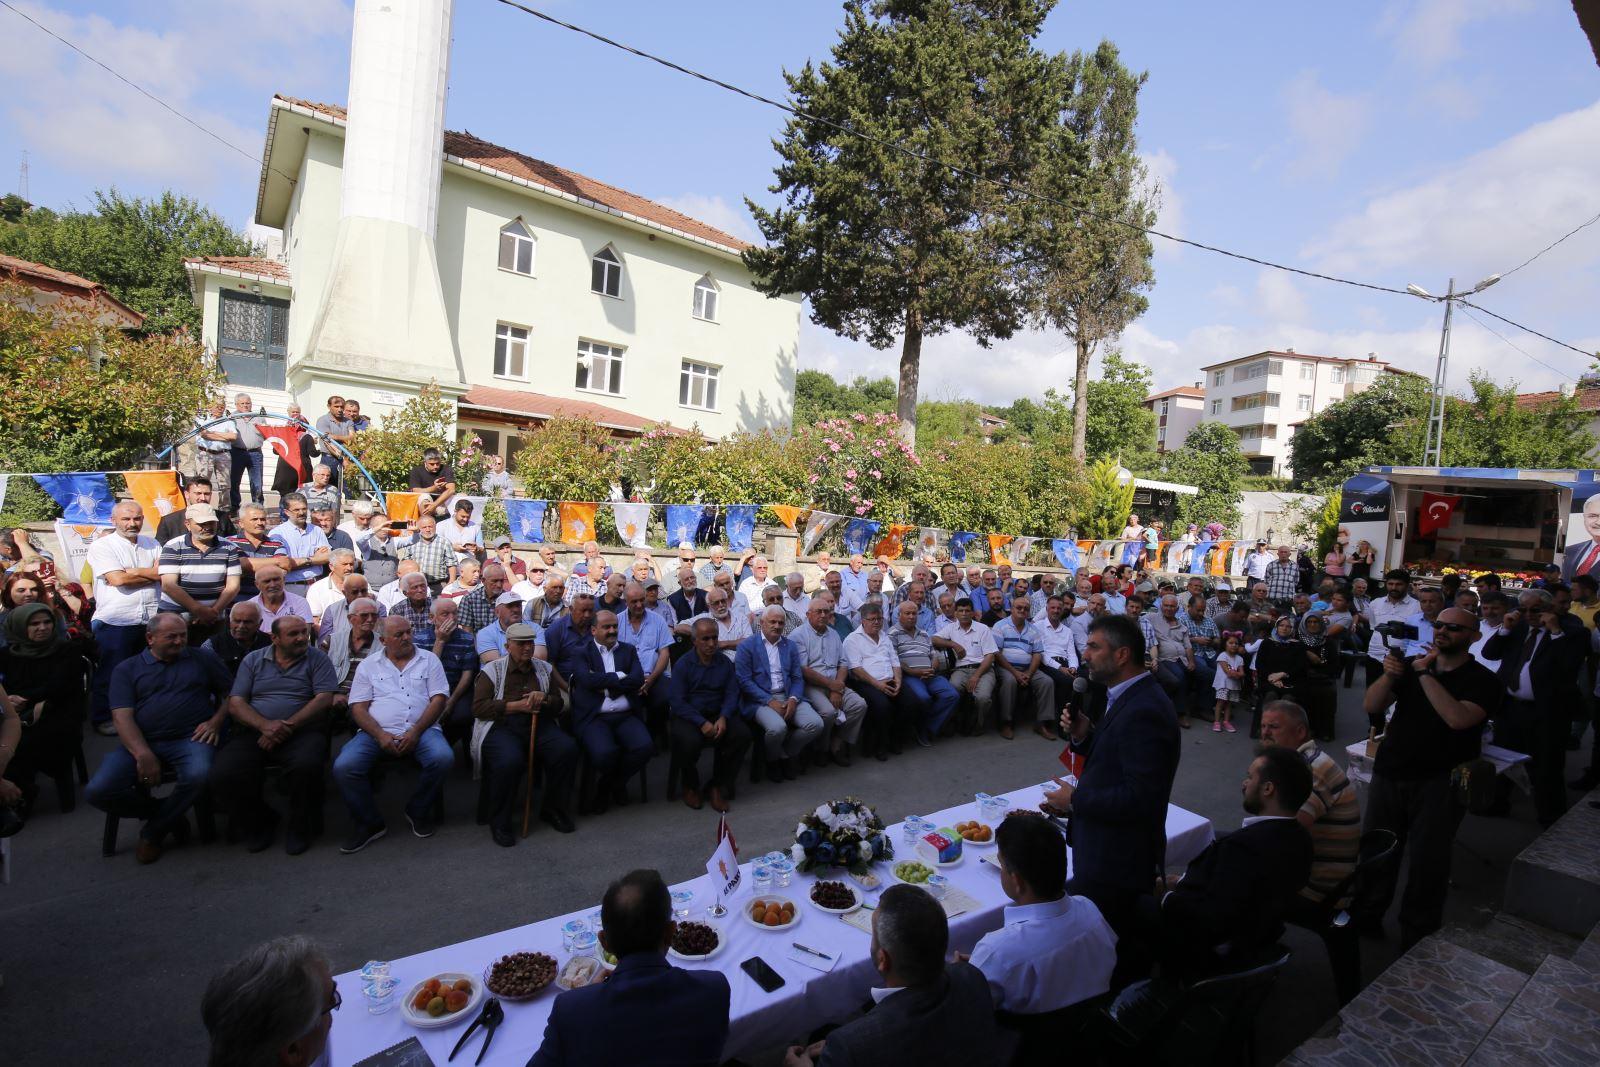 Tarım ve Orman Bakanlığından Şile'ye Fındık Üretim ve Alım Desteği